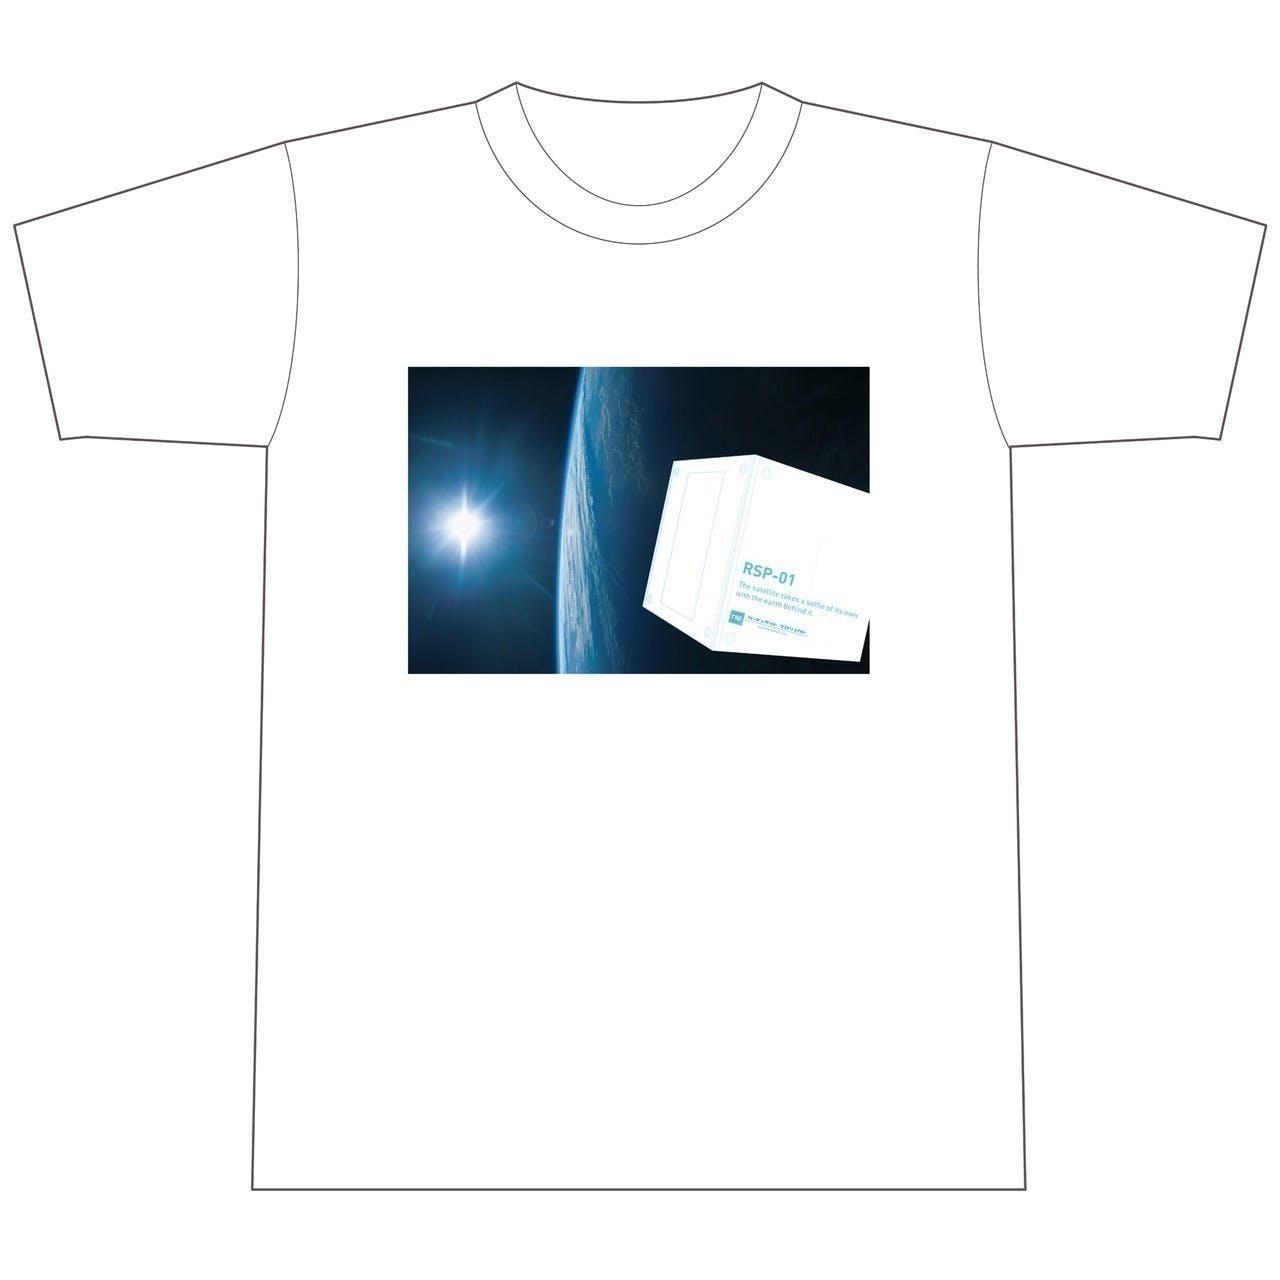 リワードtシャツ_サイト掲載用画像 180812 0001